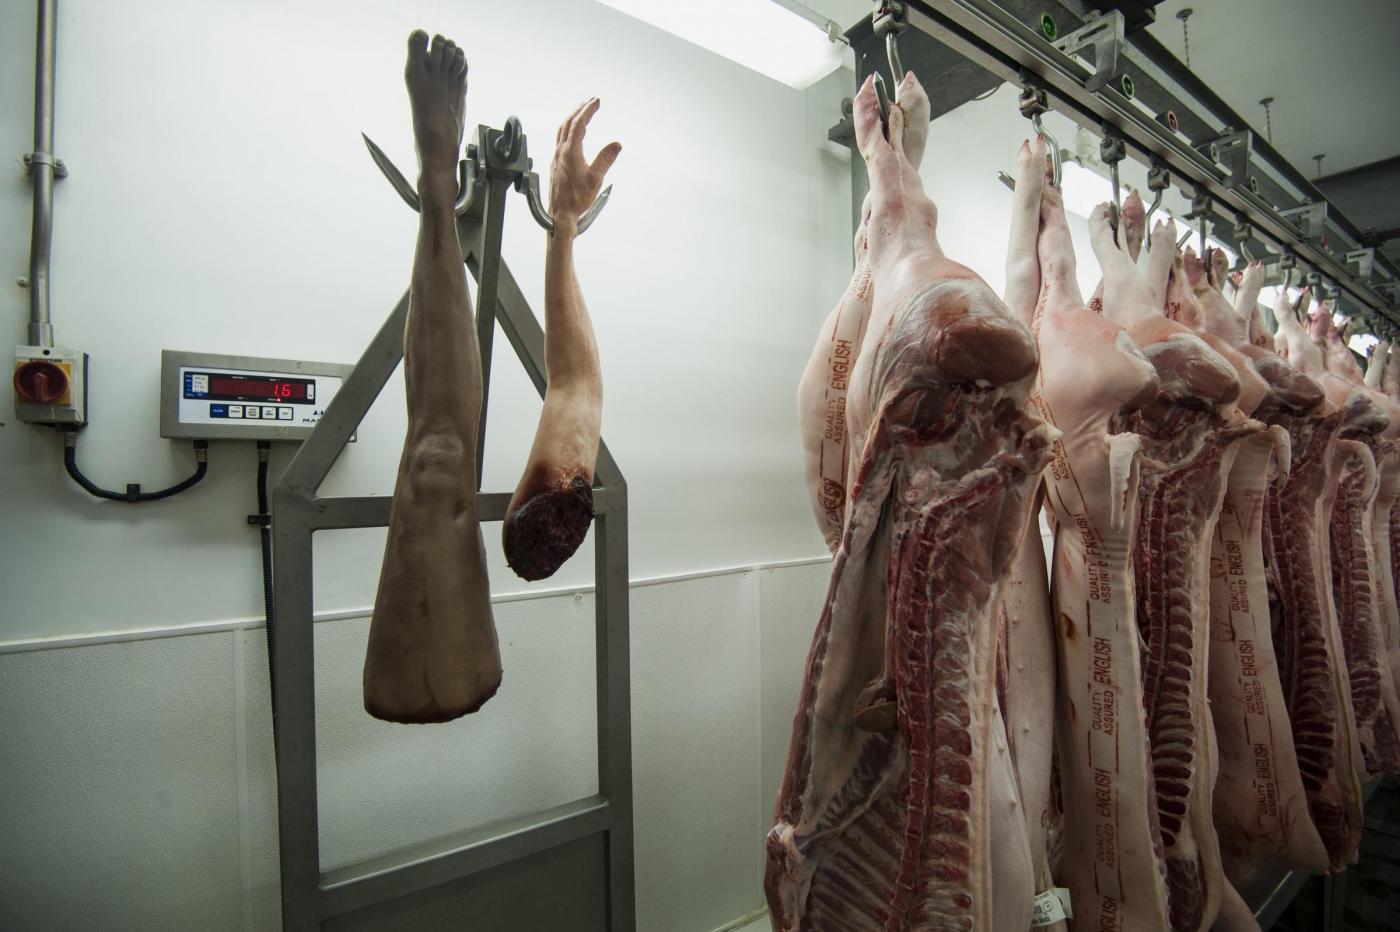 La macelleria 'Human butchery' apre a Londra08